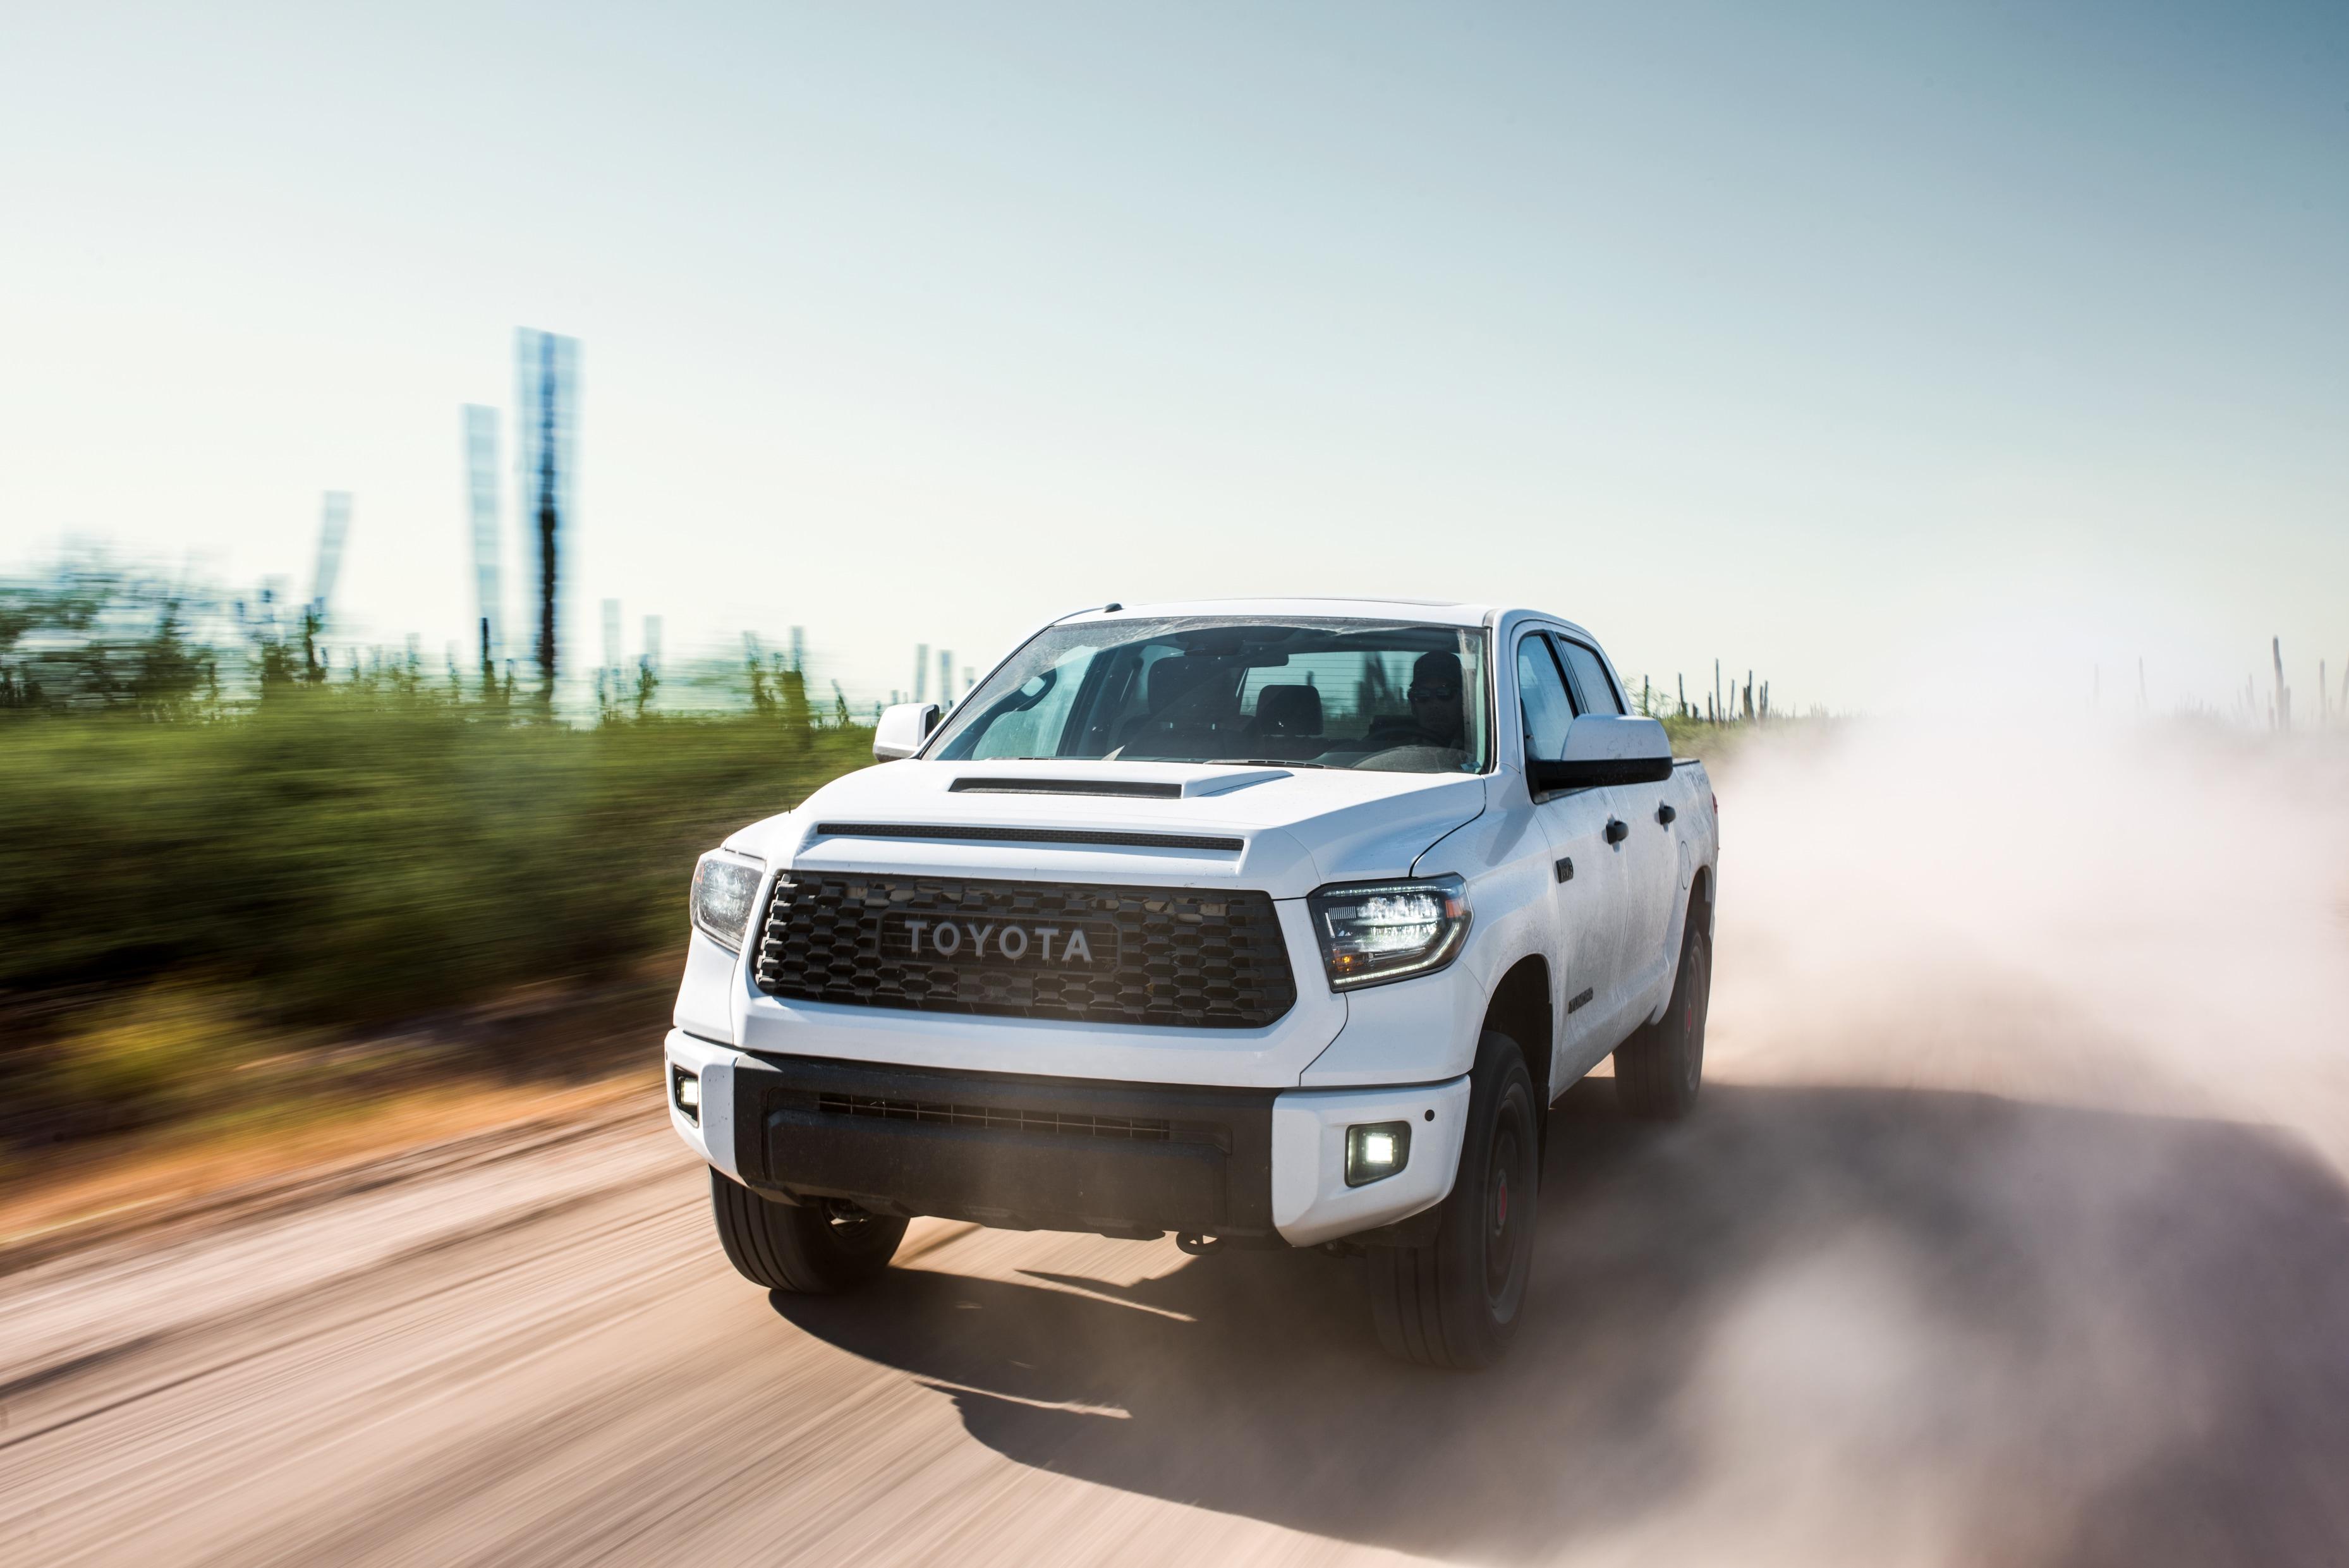 2019 Toyota Tundra In Little Rock Ar Steve Landers Trailer Wiring Connectors Rogers